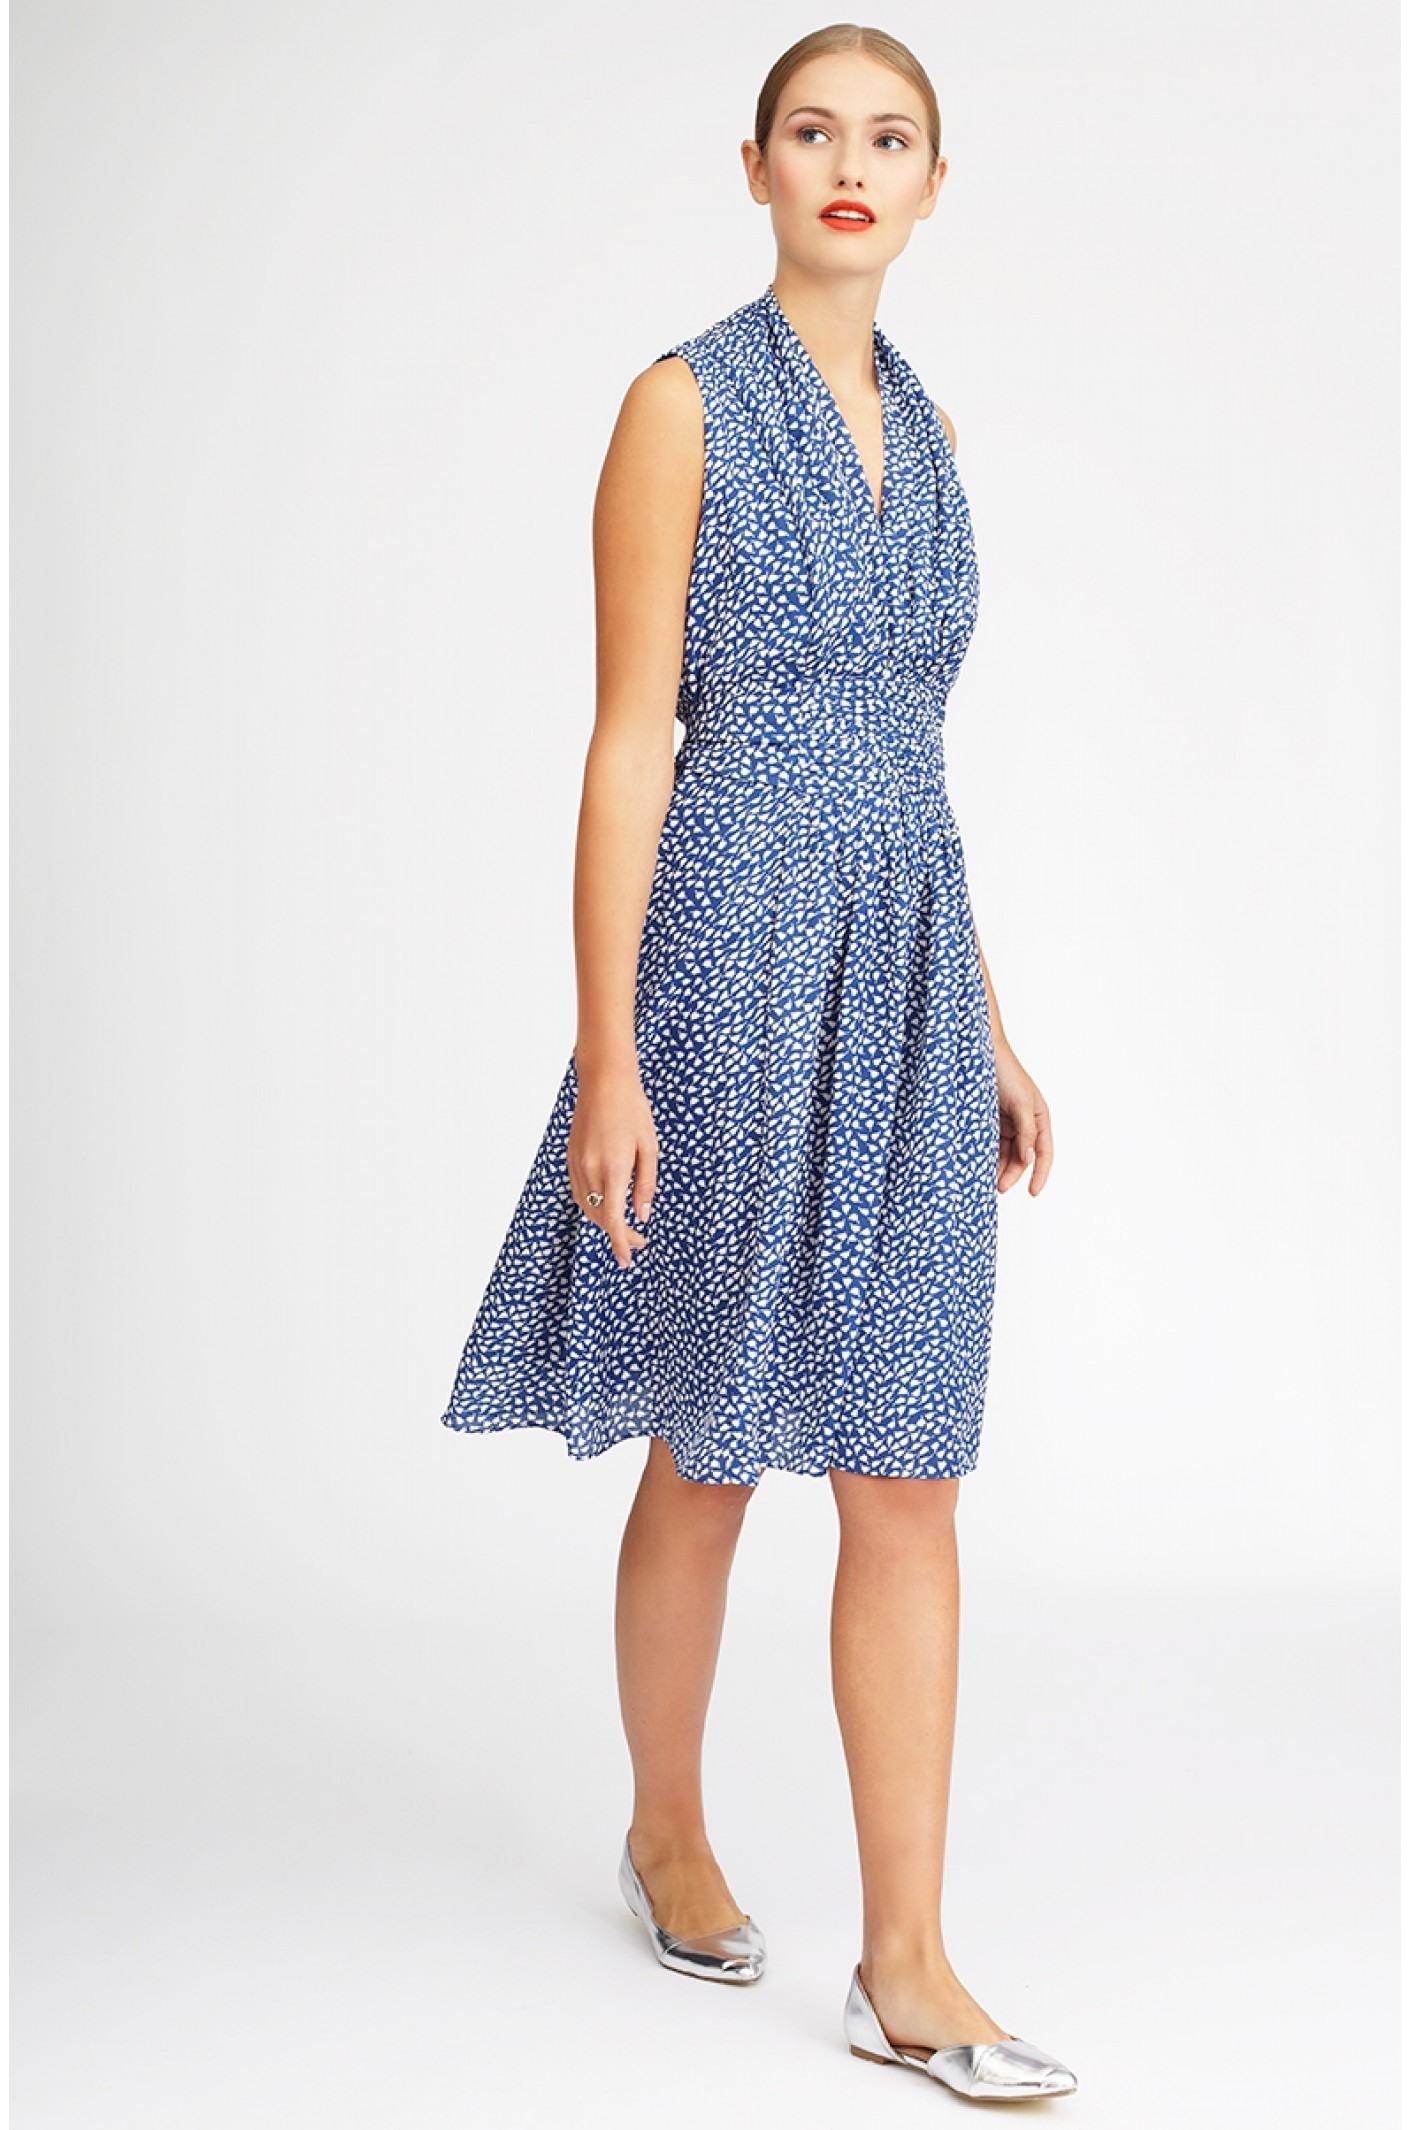 formal-kreativ-sommerkleid-blau-design